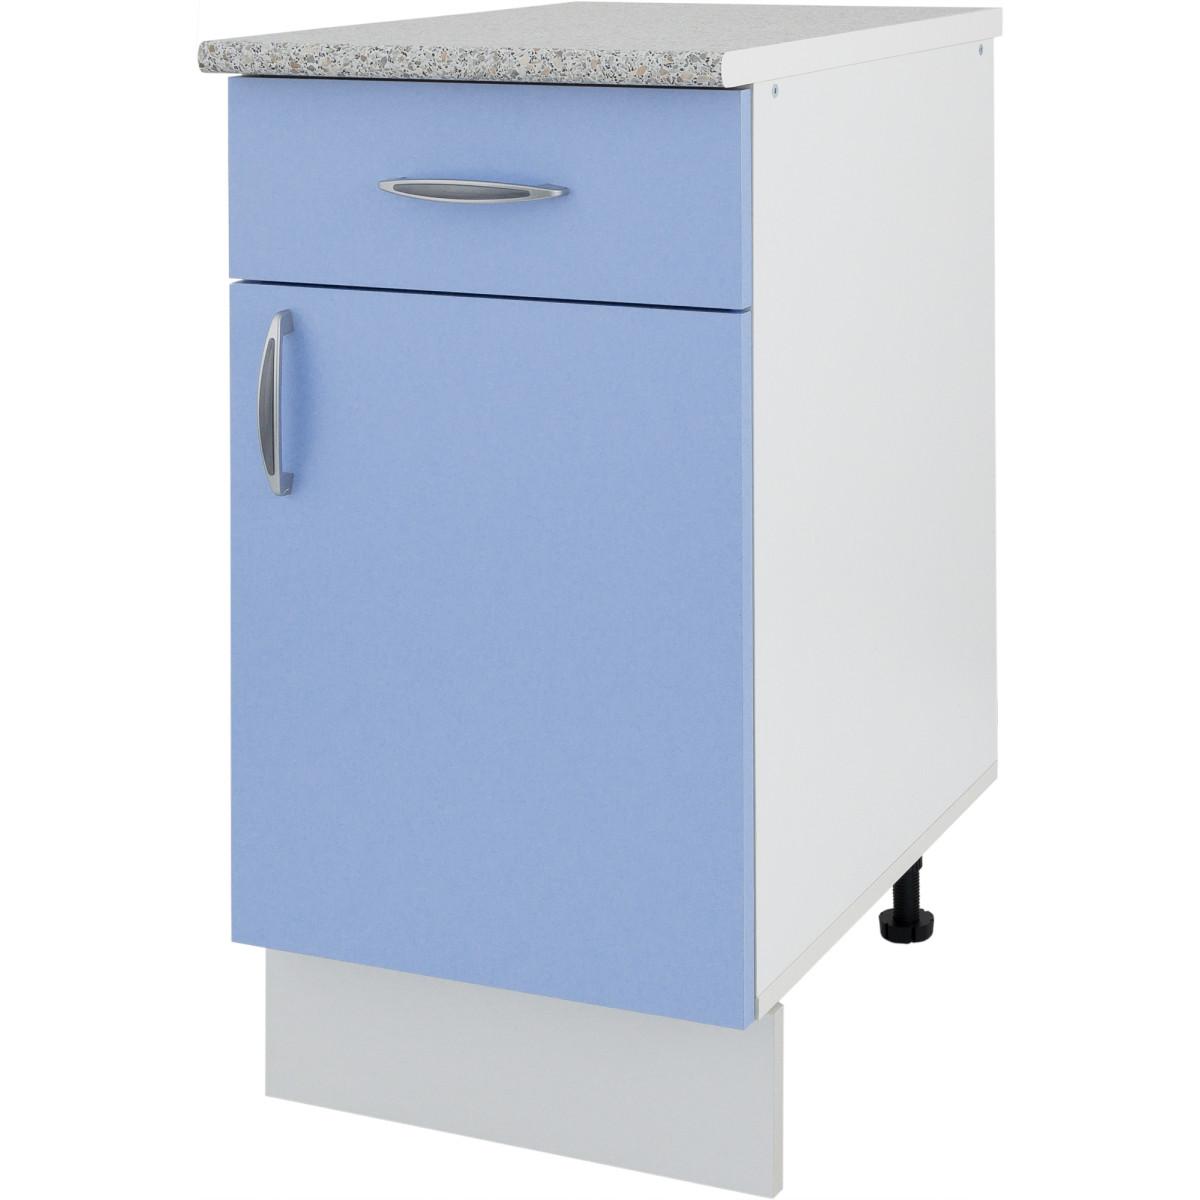 Шкаф напольный Лагуна Сп с фасадом и одним ящиком 85х40 см цвет голубой